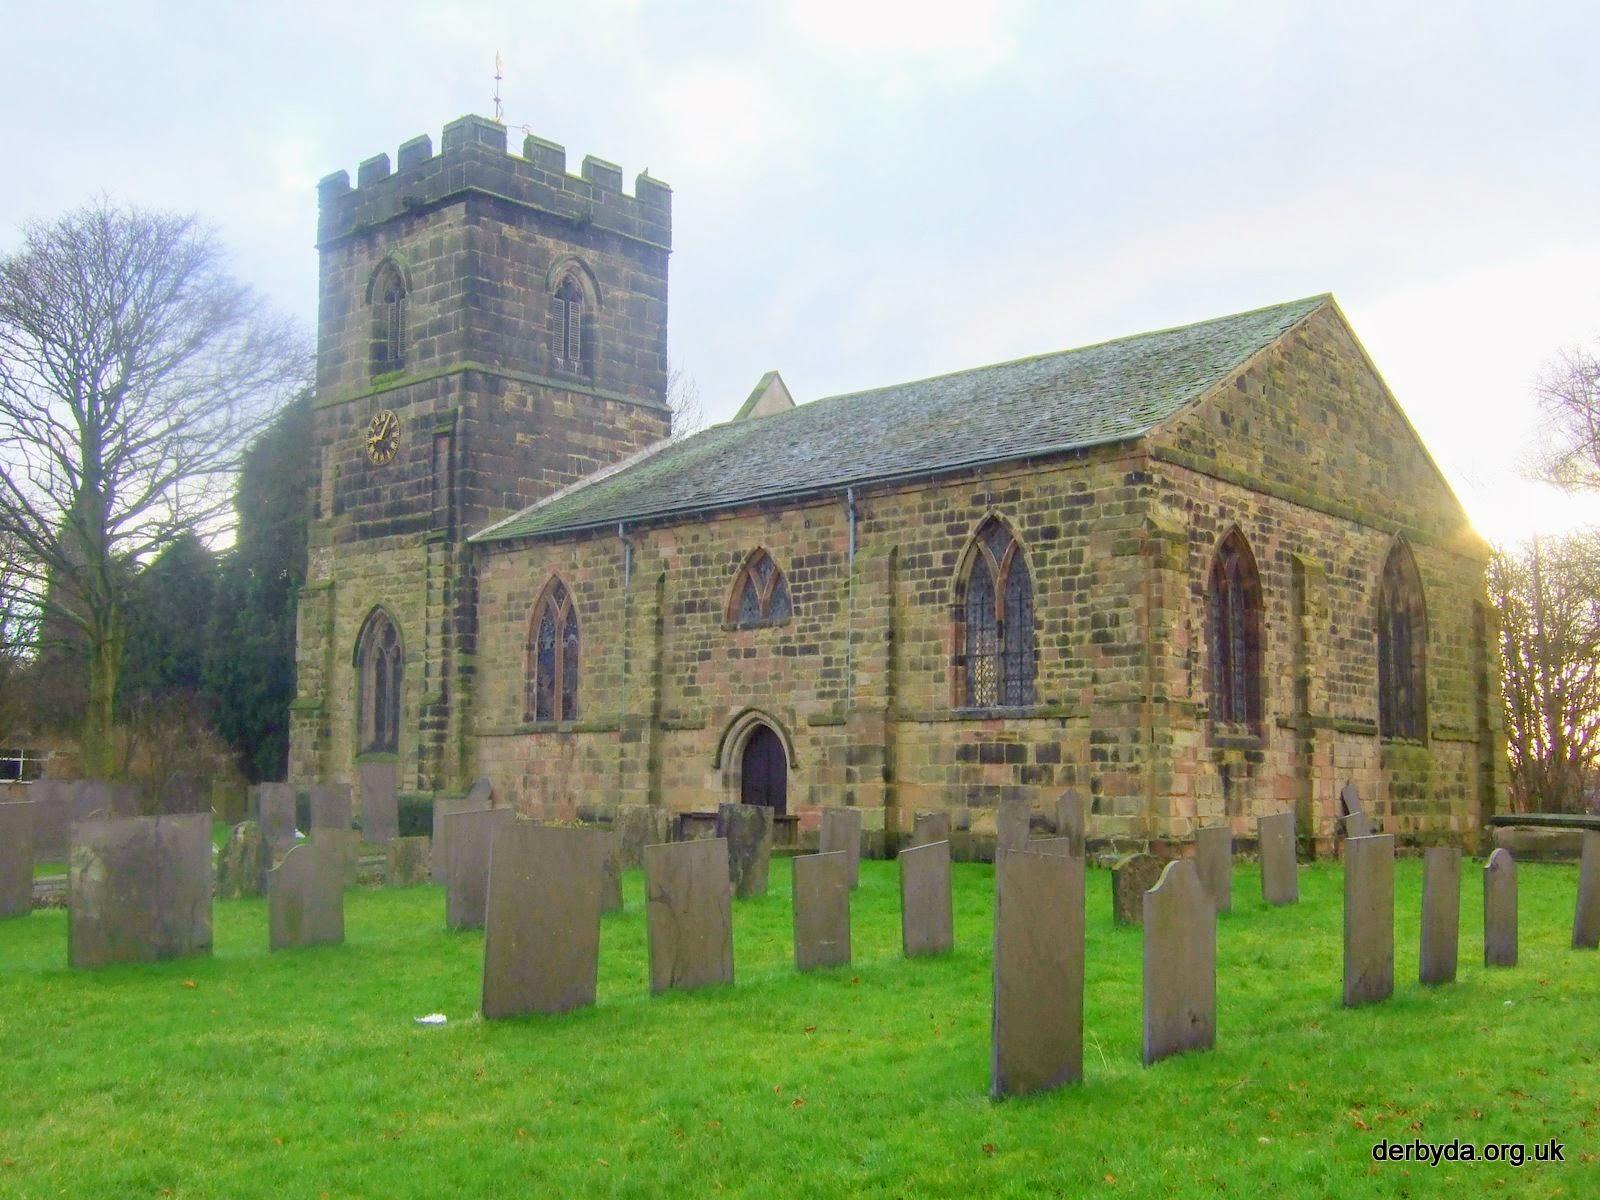 Church Gresley